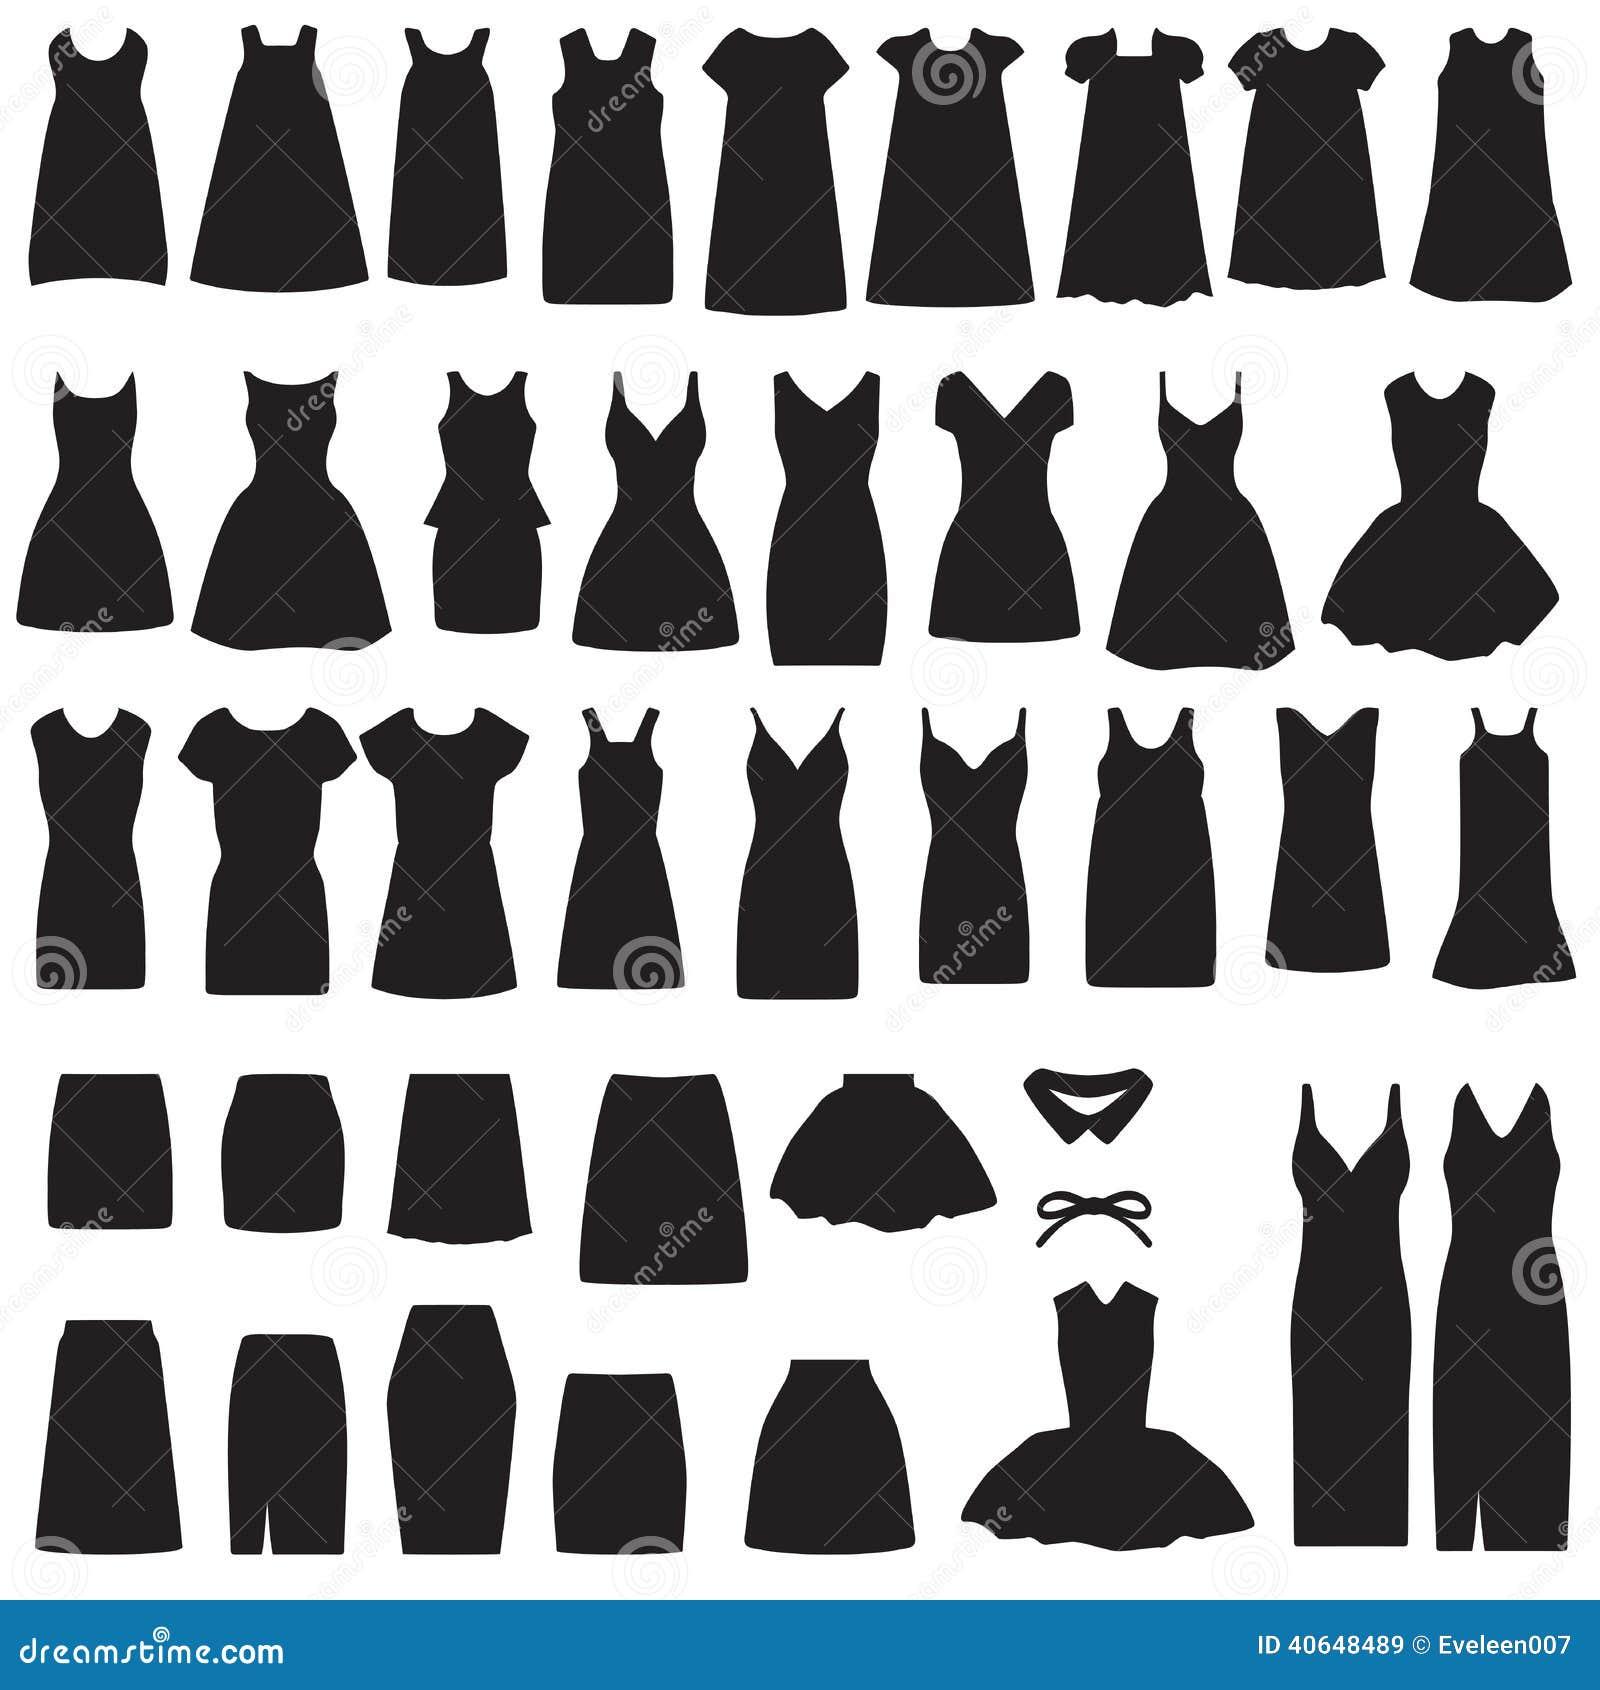 Anime formal dresses